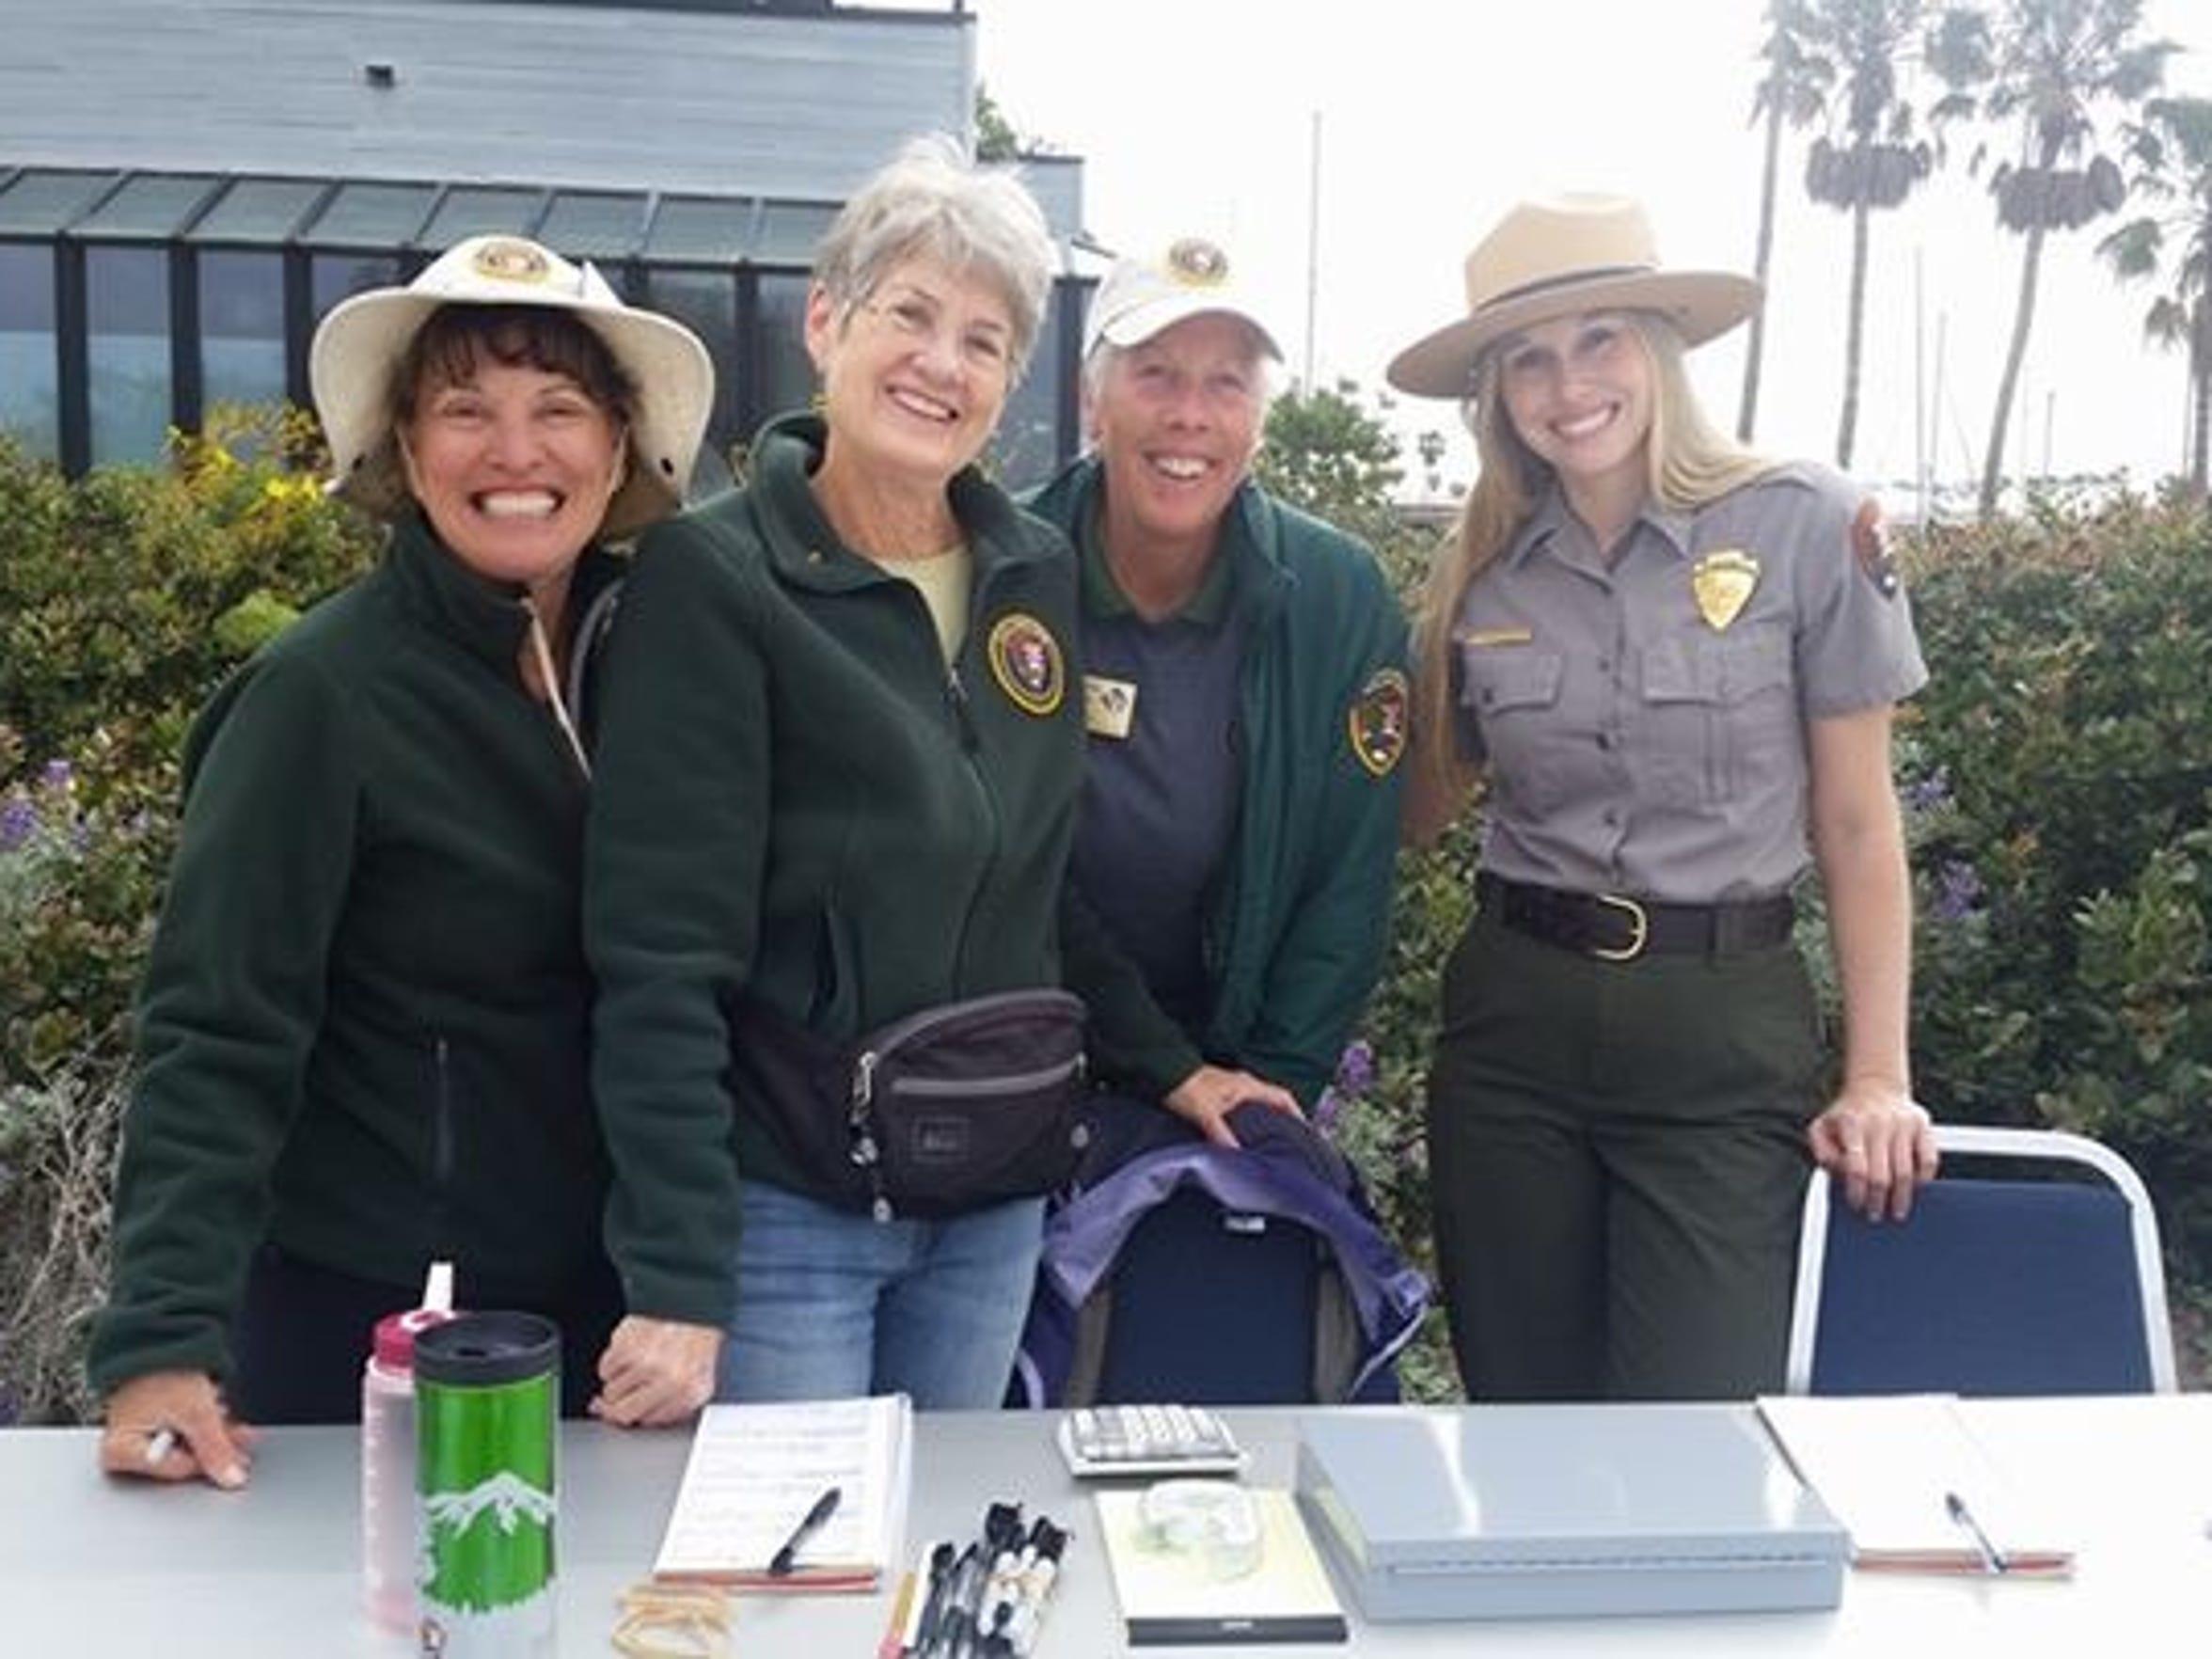 Ranger Lauren Boross, far right, is shown with park volunteers.